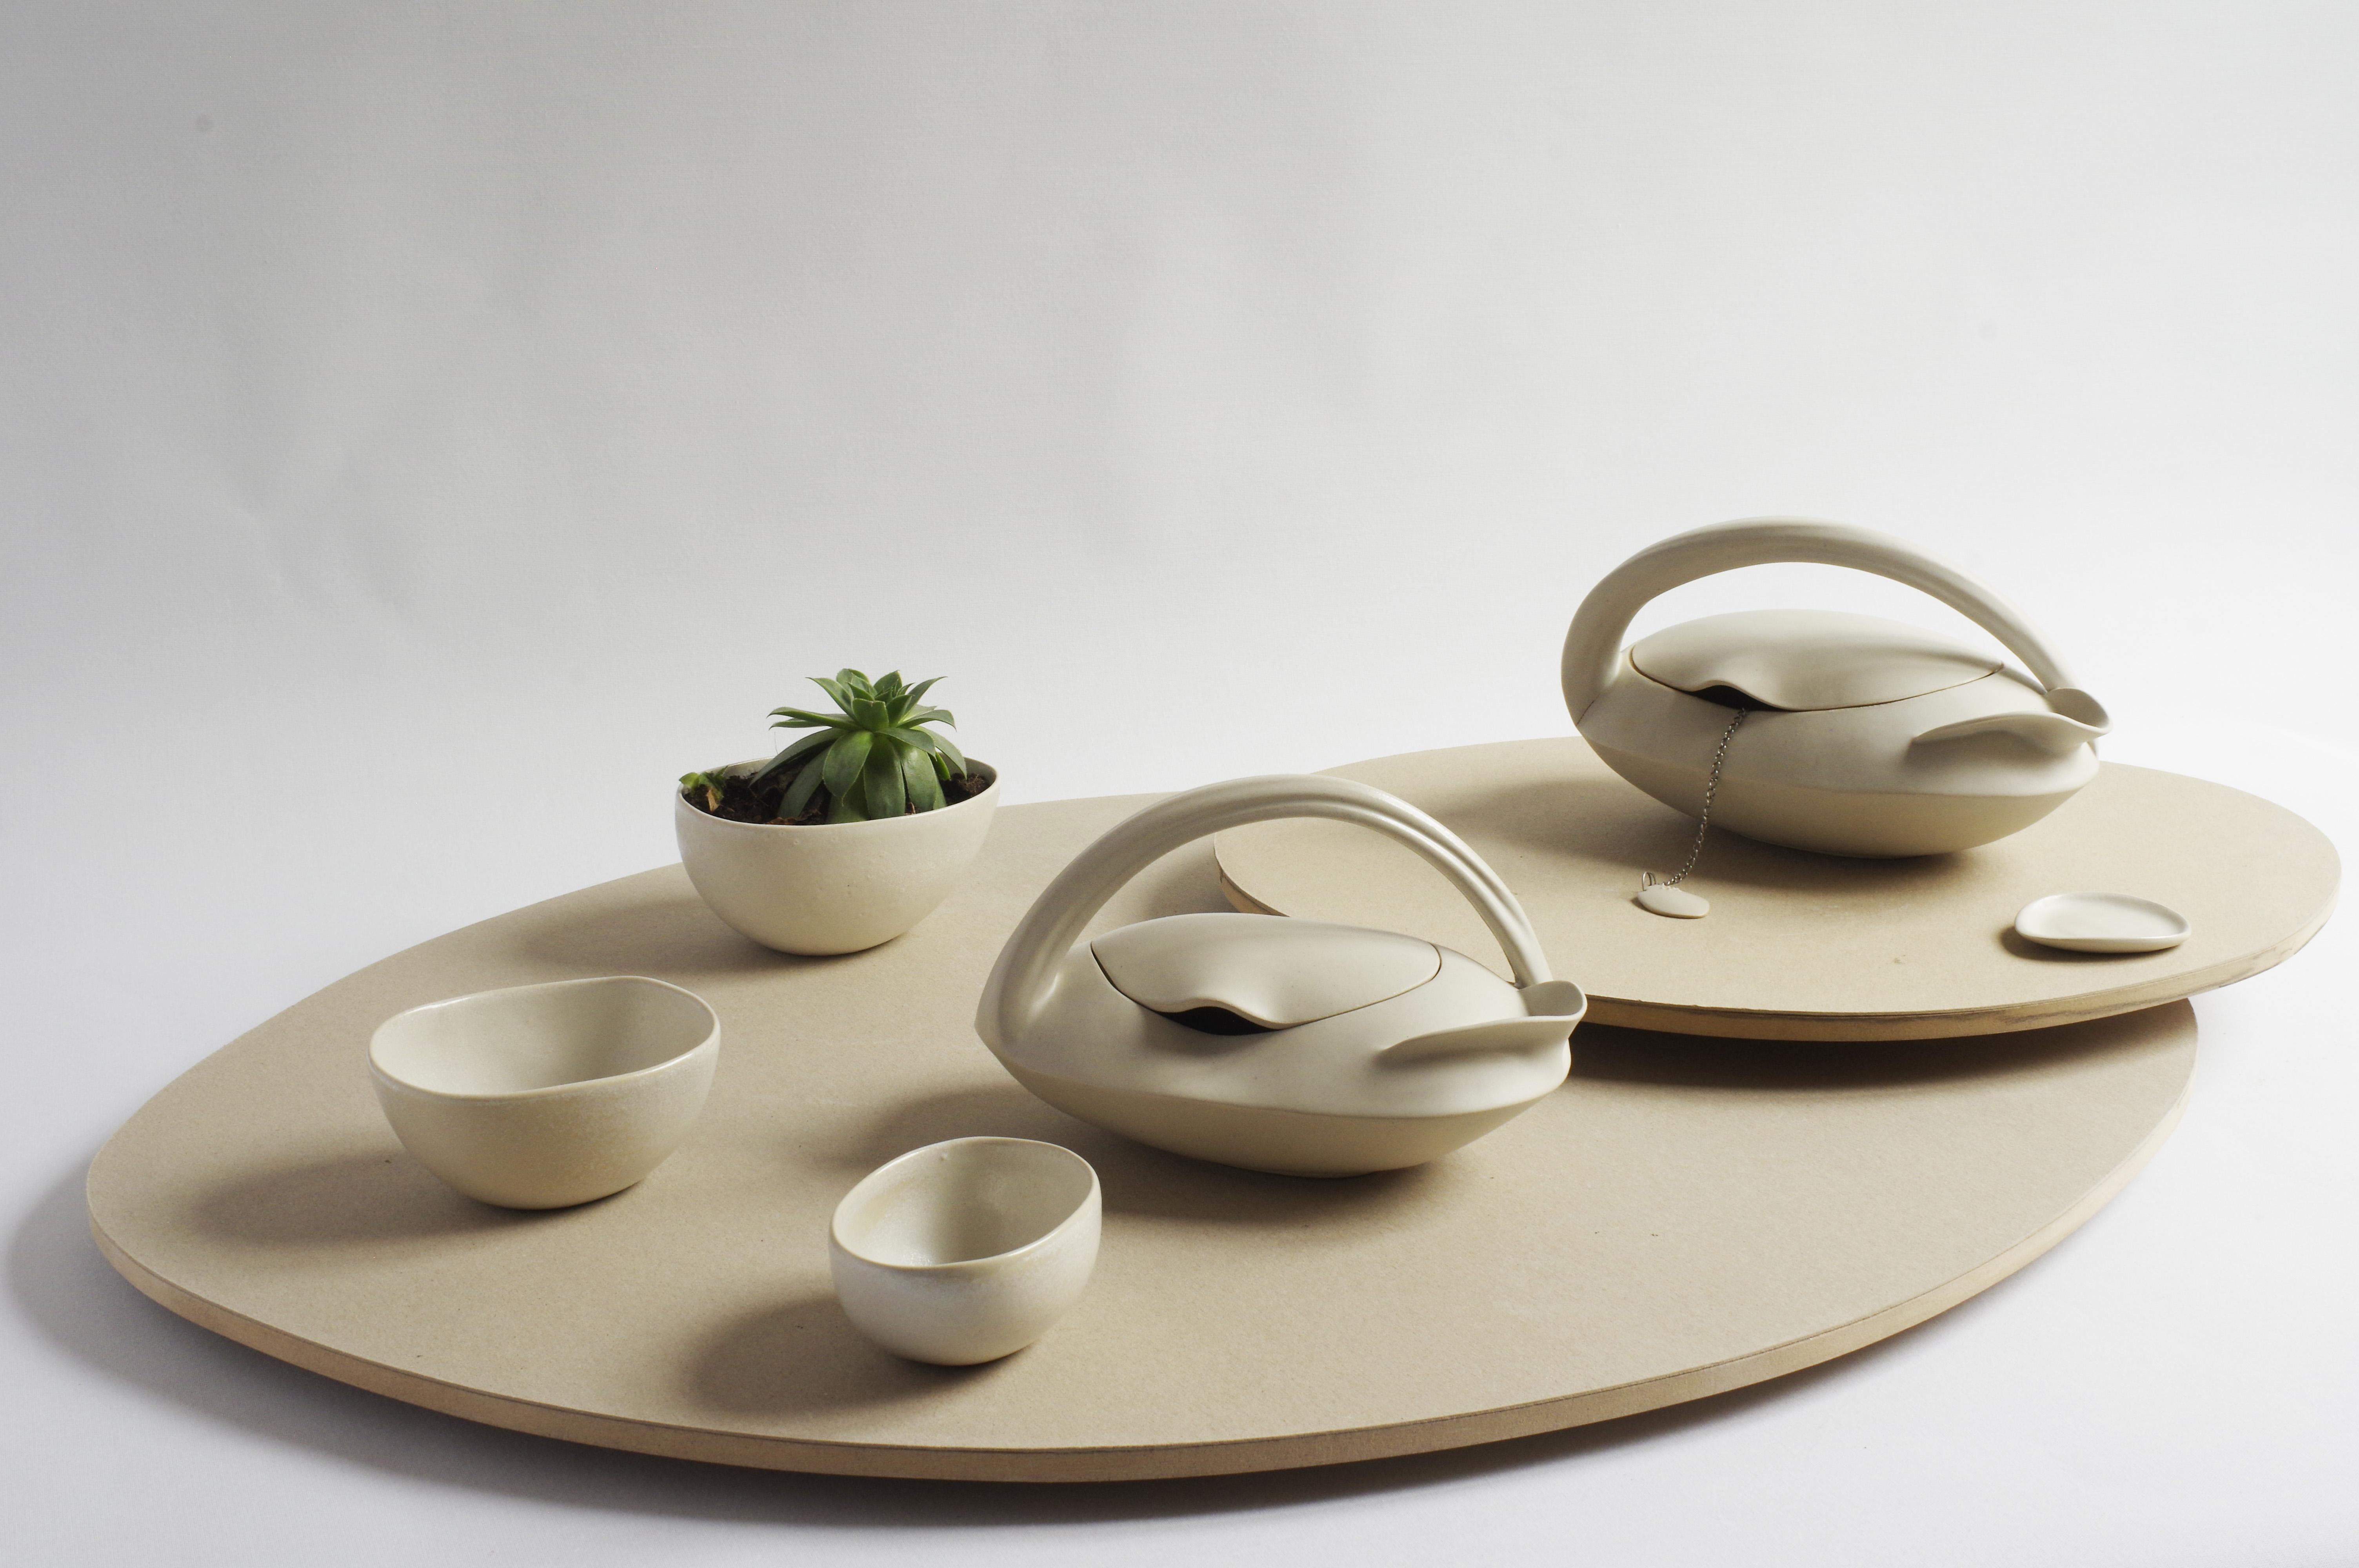 Théière céramique grès art de la table pièce unique artisanat Alsace Ribeauvillé